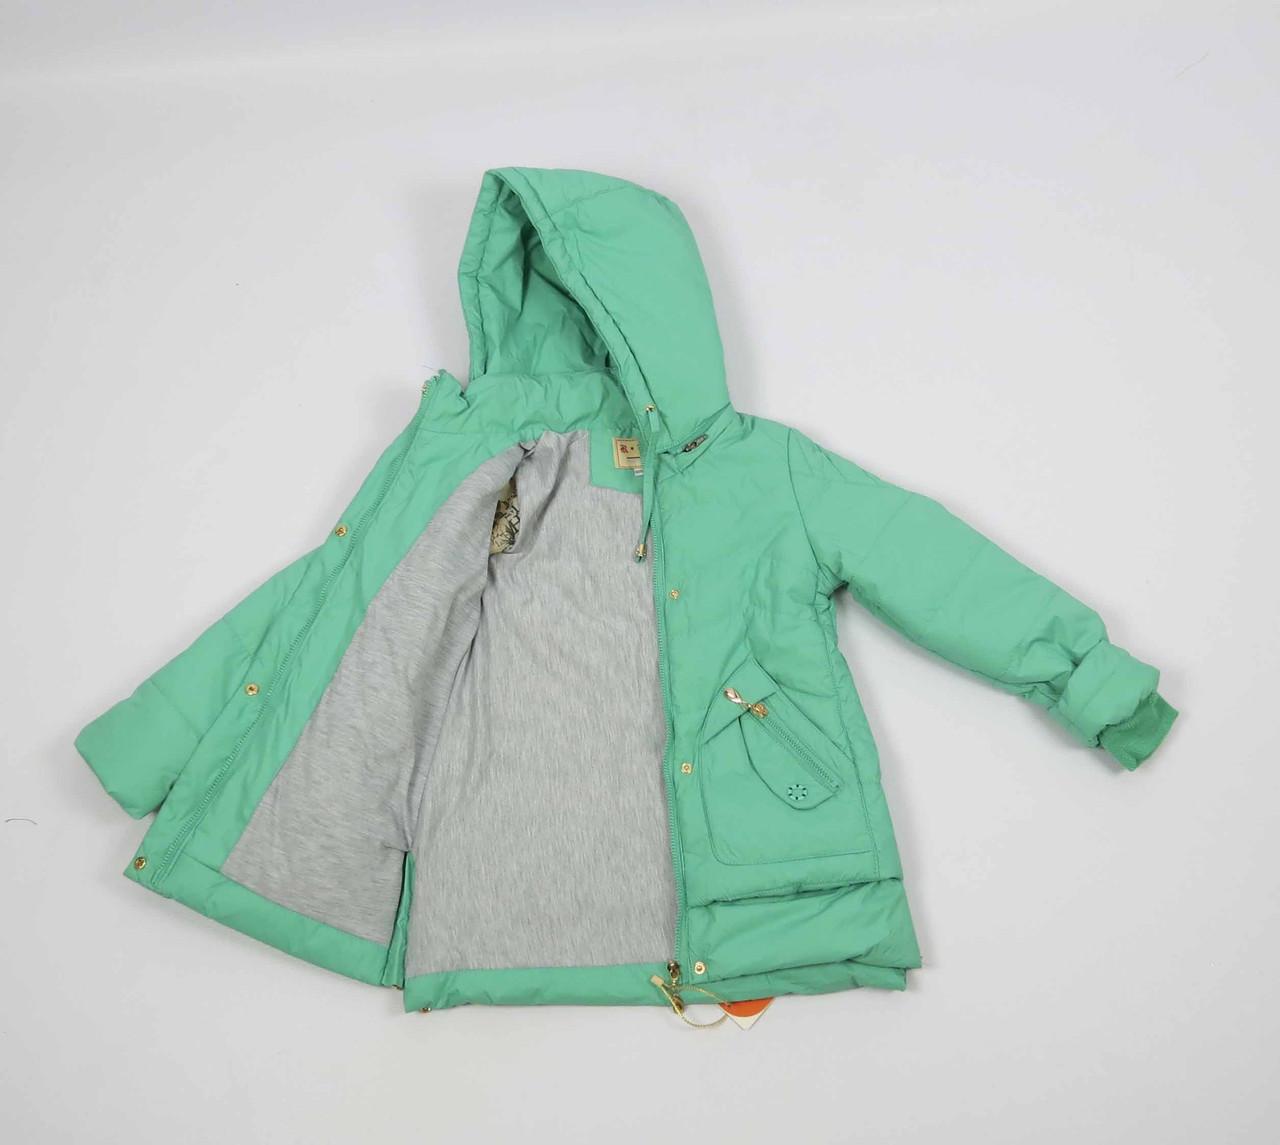 Куртка весна-осень, код КТ 17-16, размеры 122-146 (6-12 лет), цвет бирюза, фото 3